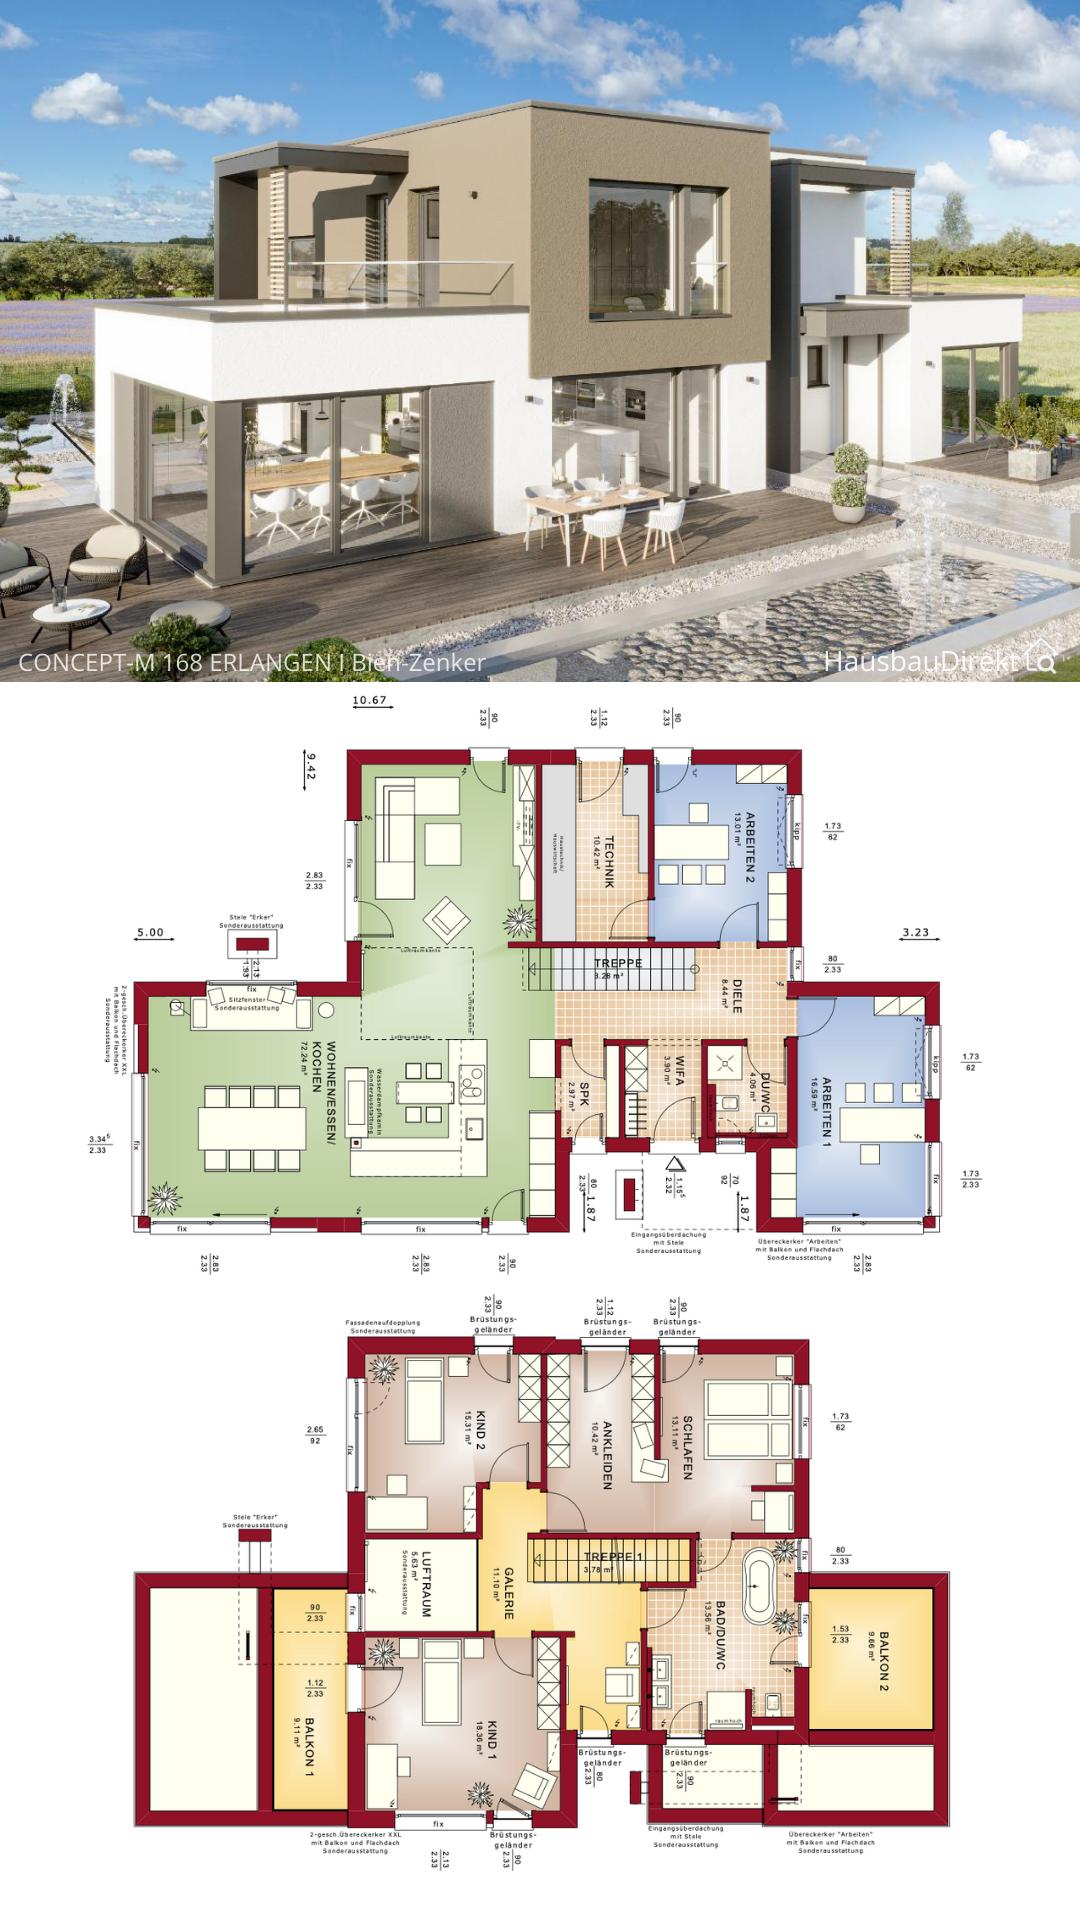 Modernes Haus Design mit Flachdach bauen Einfamilienhaus Grundriss 220 qm 6 Zimmer gerade Treppe